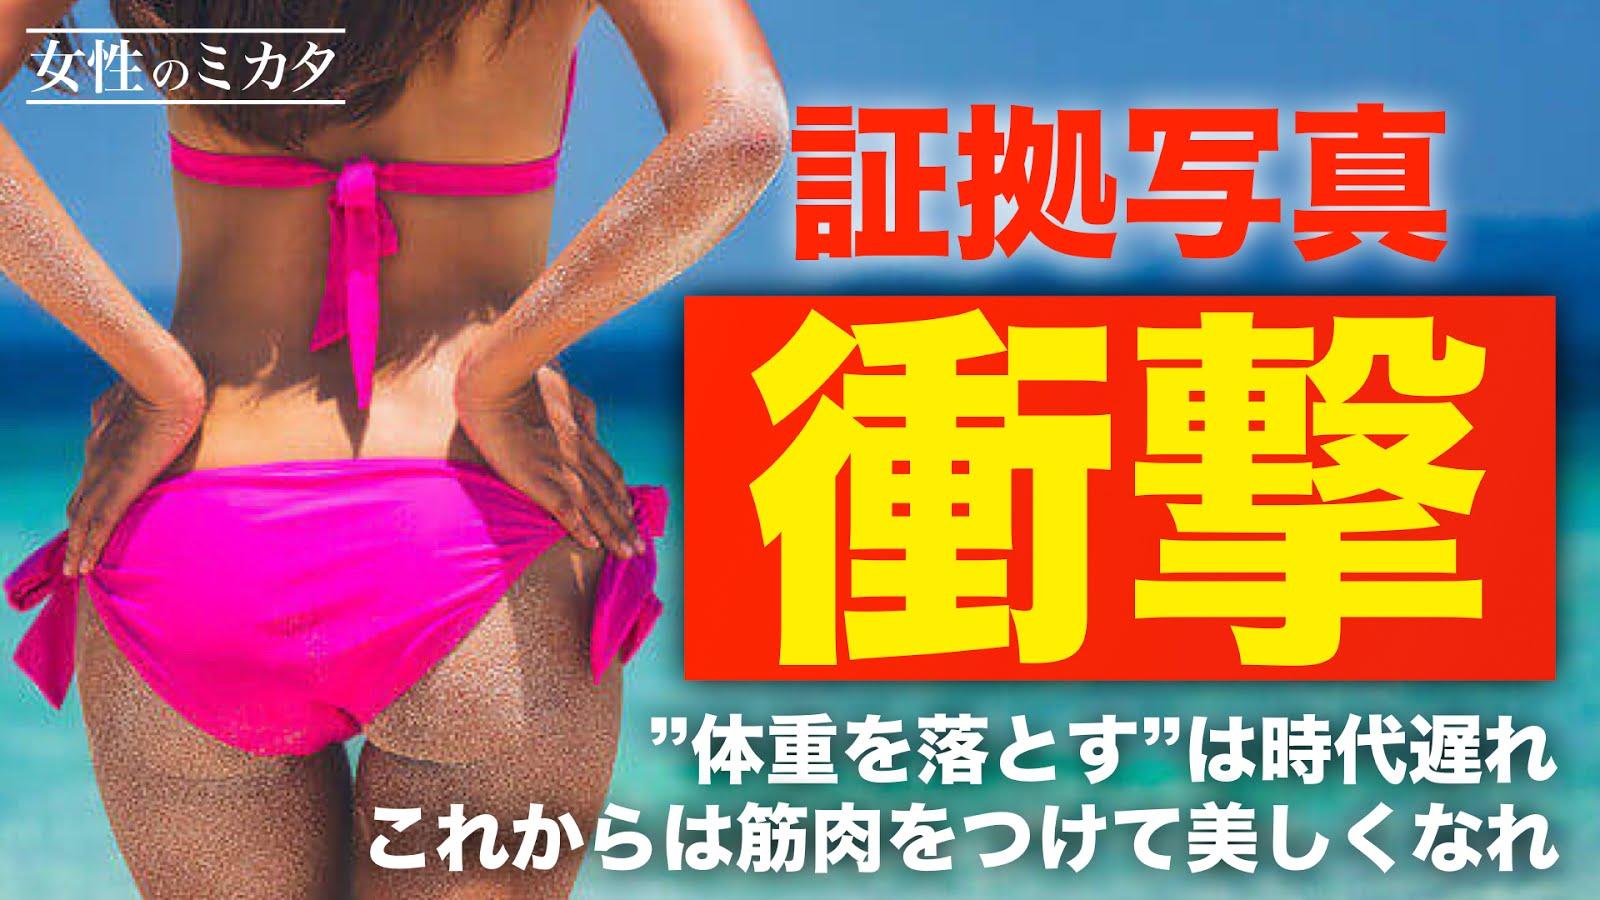 【筋トレで変わる】体型ビフォーアフター画像集まとめ【衝撃】